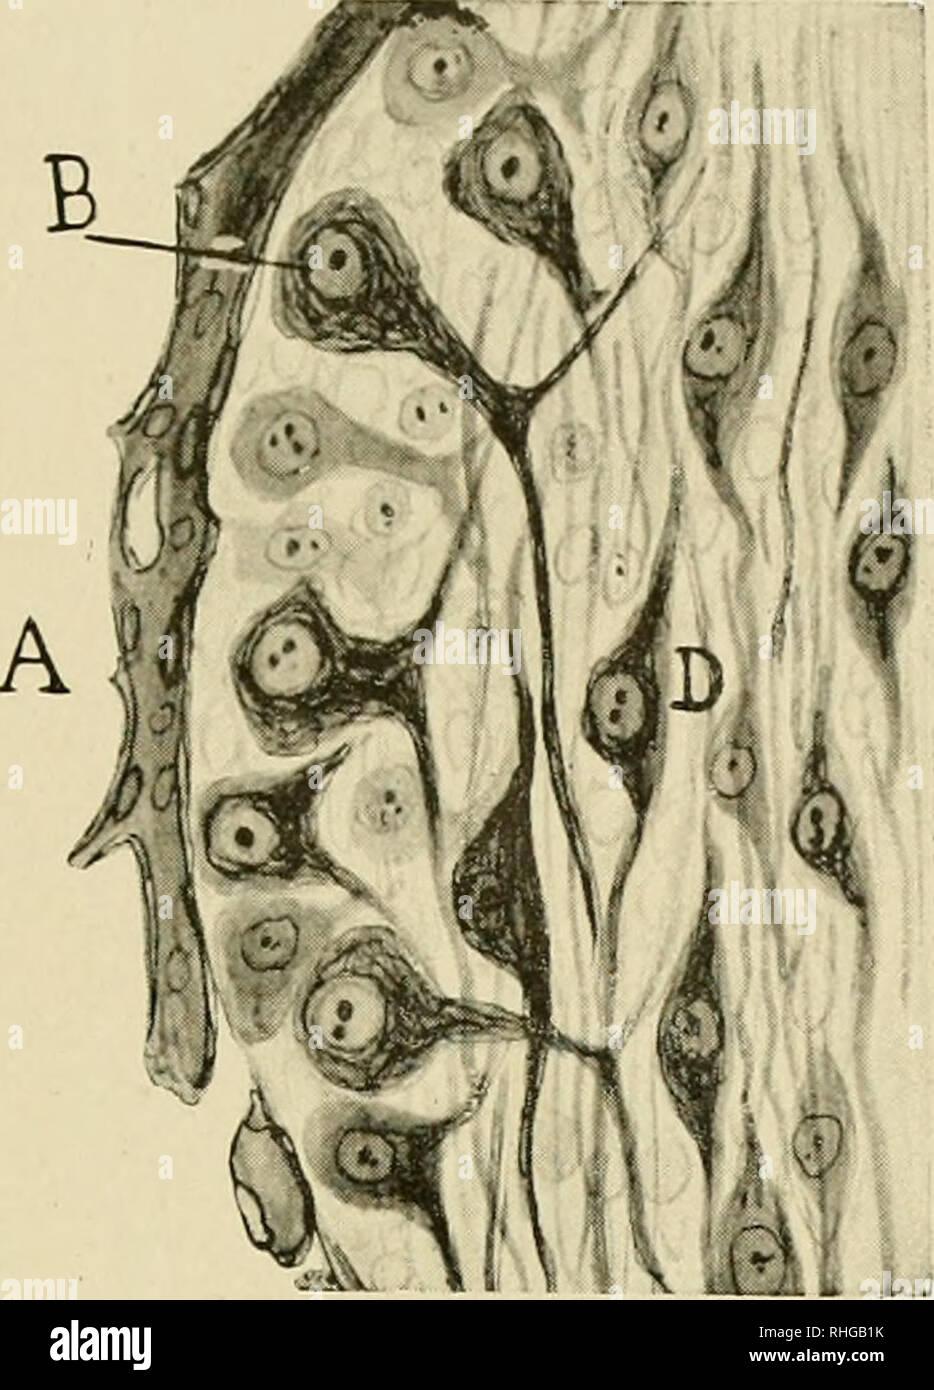 . Boletín de la Sociedad Española de Biología. La biología. S. R. Cajal: probable Significación de la morfología de las neuronas de los invertebrados. Fig. 8.-Sección de la corteza de un ganglio raquídeo del embrión de pollo á los trece días de incubación. Paso de la forma à la bipolar monopolar. - Un vaso sanguíneo, perigangliónico ; B, célula sensitiva mono- ; D, corpúsculos polares centrales bipolares ó retar- dados en su evolución (figura semiesquemática). e. Por favor tenga en cuenta que estas imágenes son extraídas de la página escaneada imágenes que podrían haber sido mejoradas digitalmente para legibilidad: una coloración Imagen De Stock